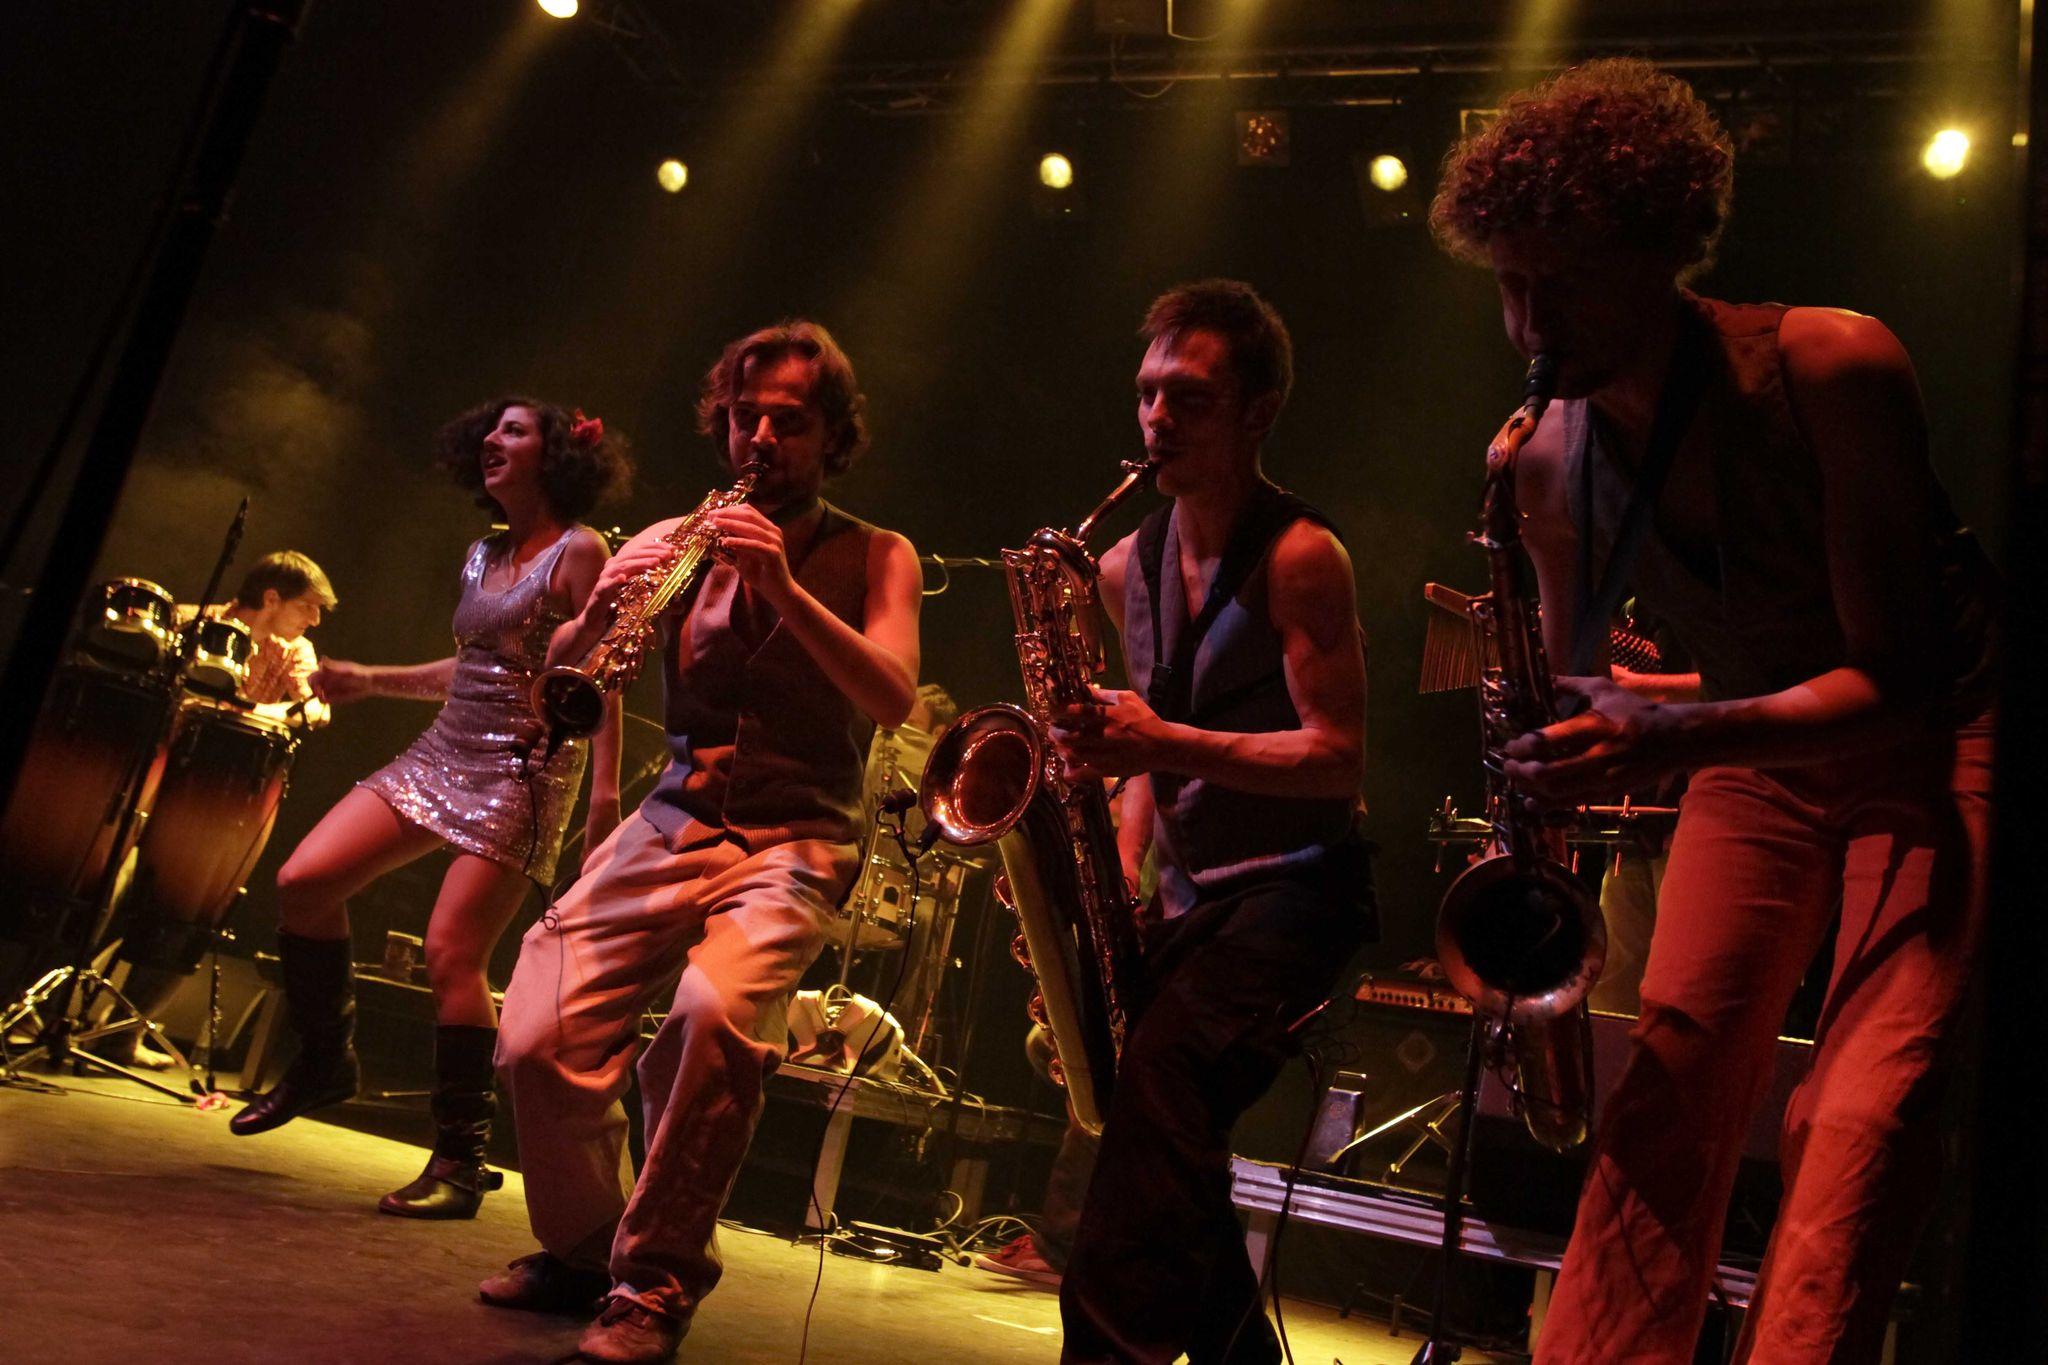 AfroWildZombies-Tour2Chauffe-LesArcades-2012-103